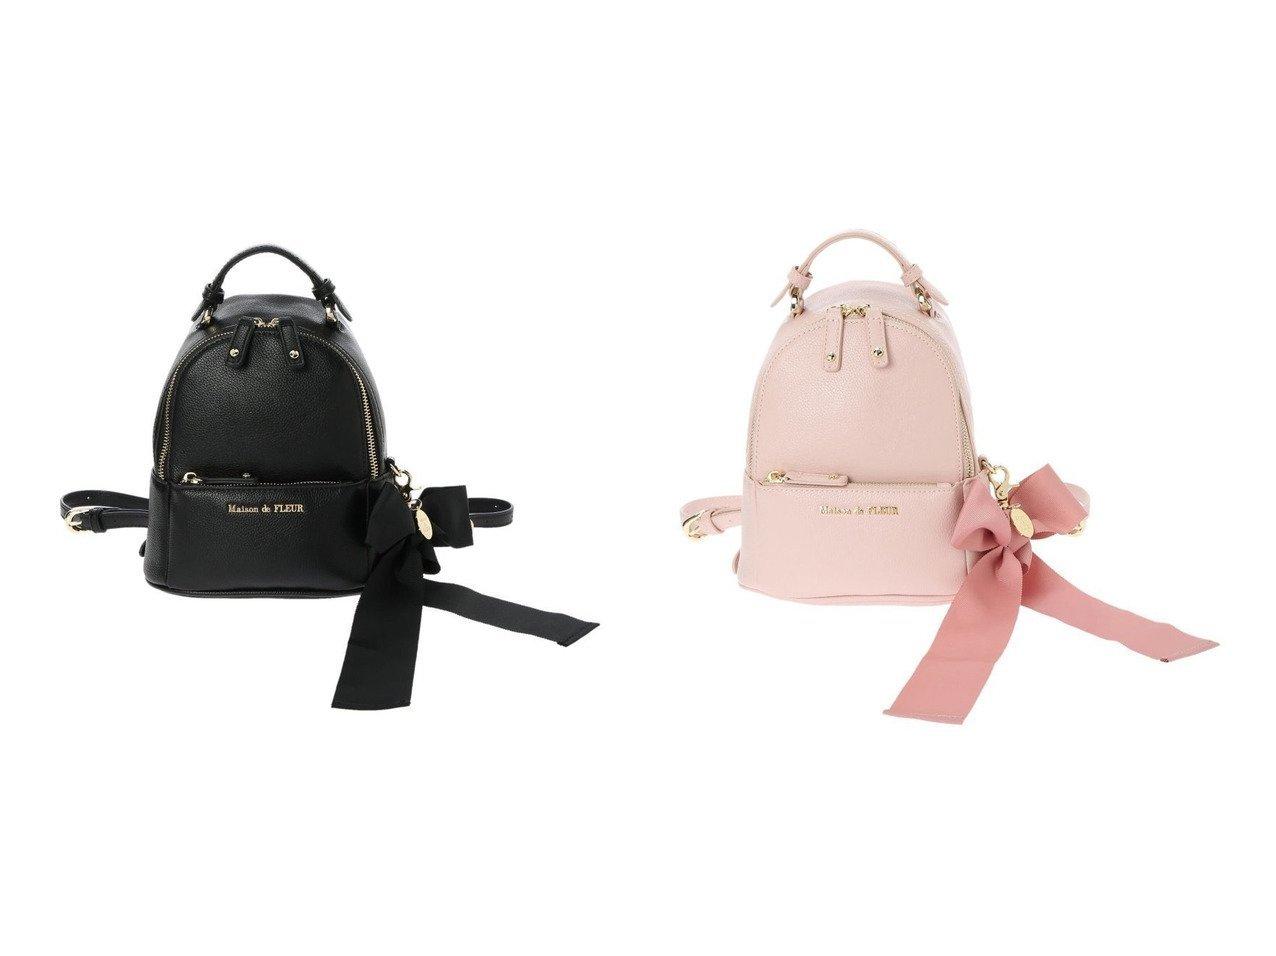 【Maison de FLEUR/メゾンドフルール】のリボンSリュック 【バッグ・鞄】おすすめ!人気、トレンド・レディースファッションの通販    レディースファッション・服の通販 founy(ファニー)